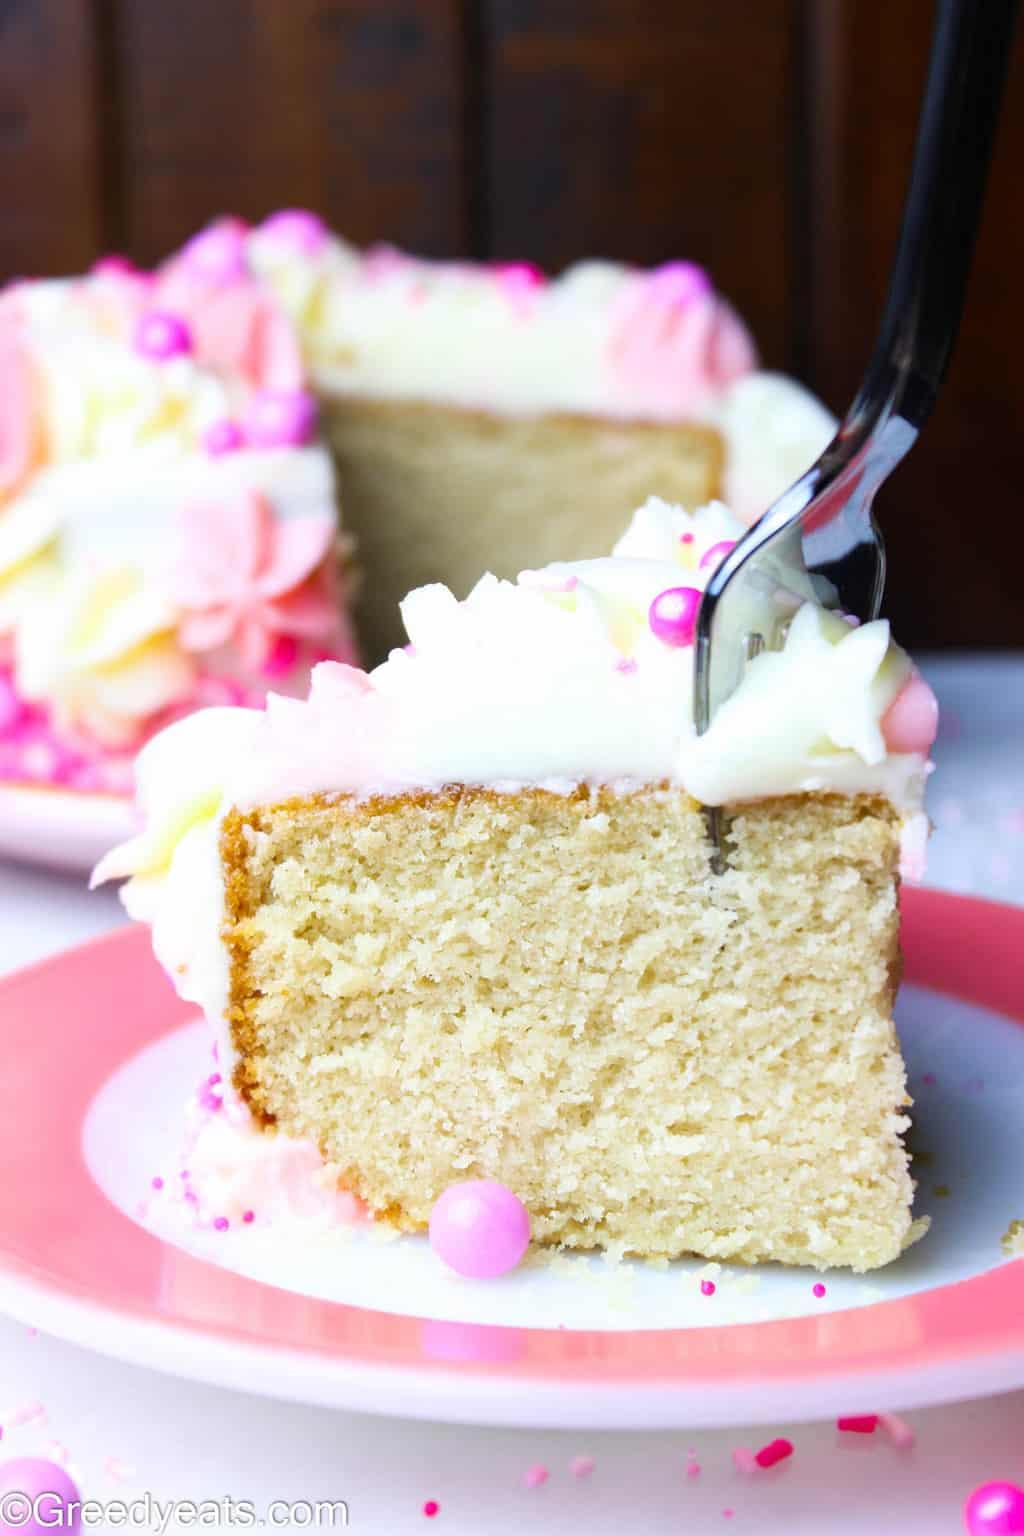 Small Vanilla Cake recipe with super soft crumb and creamy vanilla buttercream frosting.